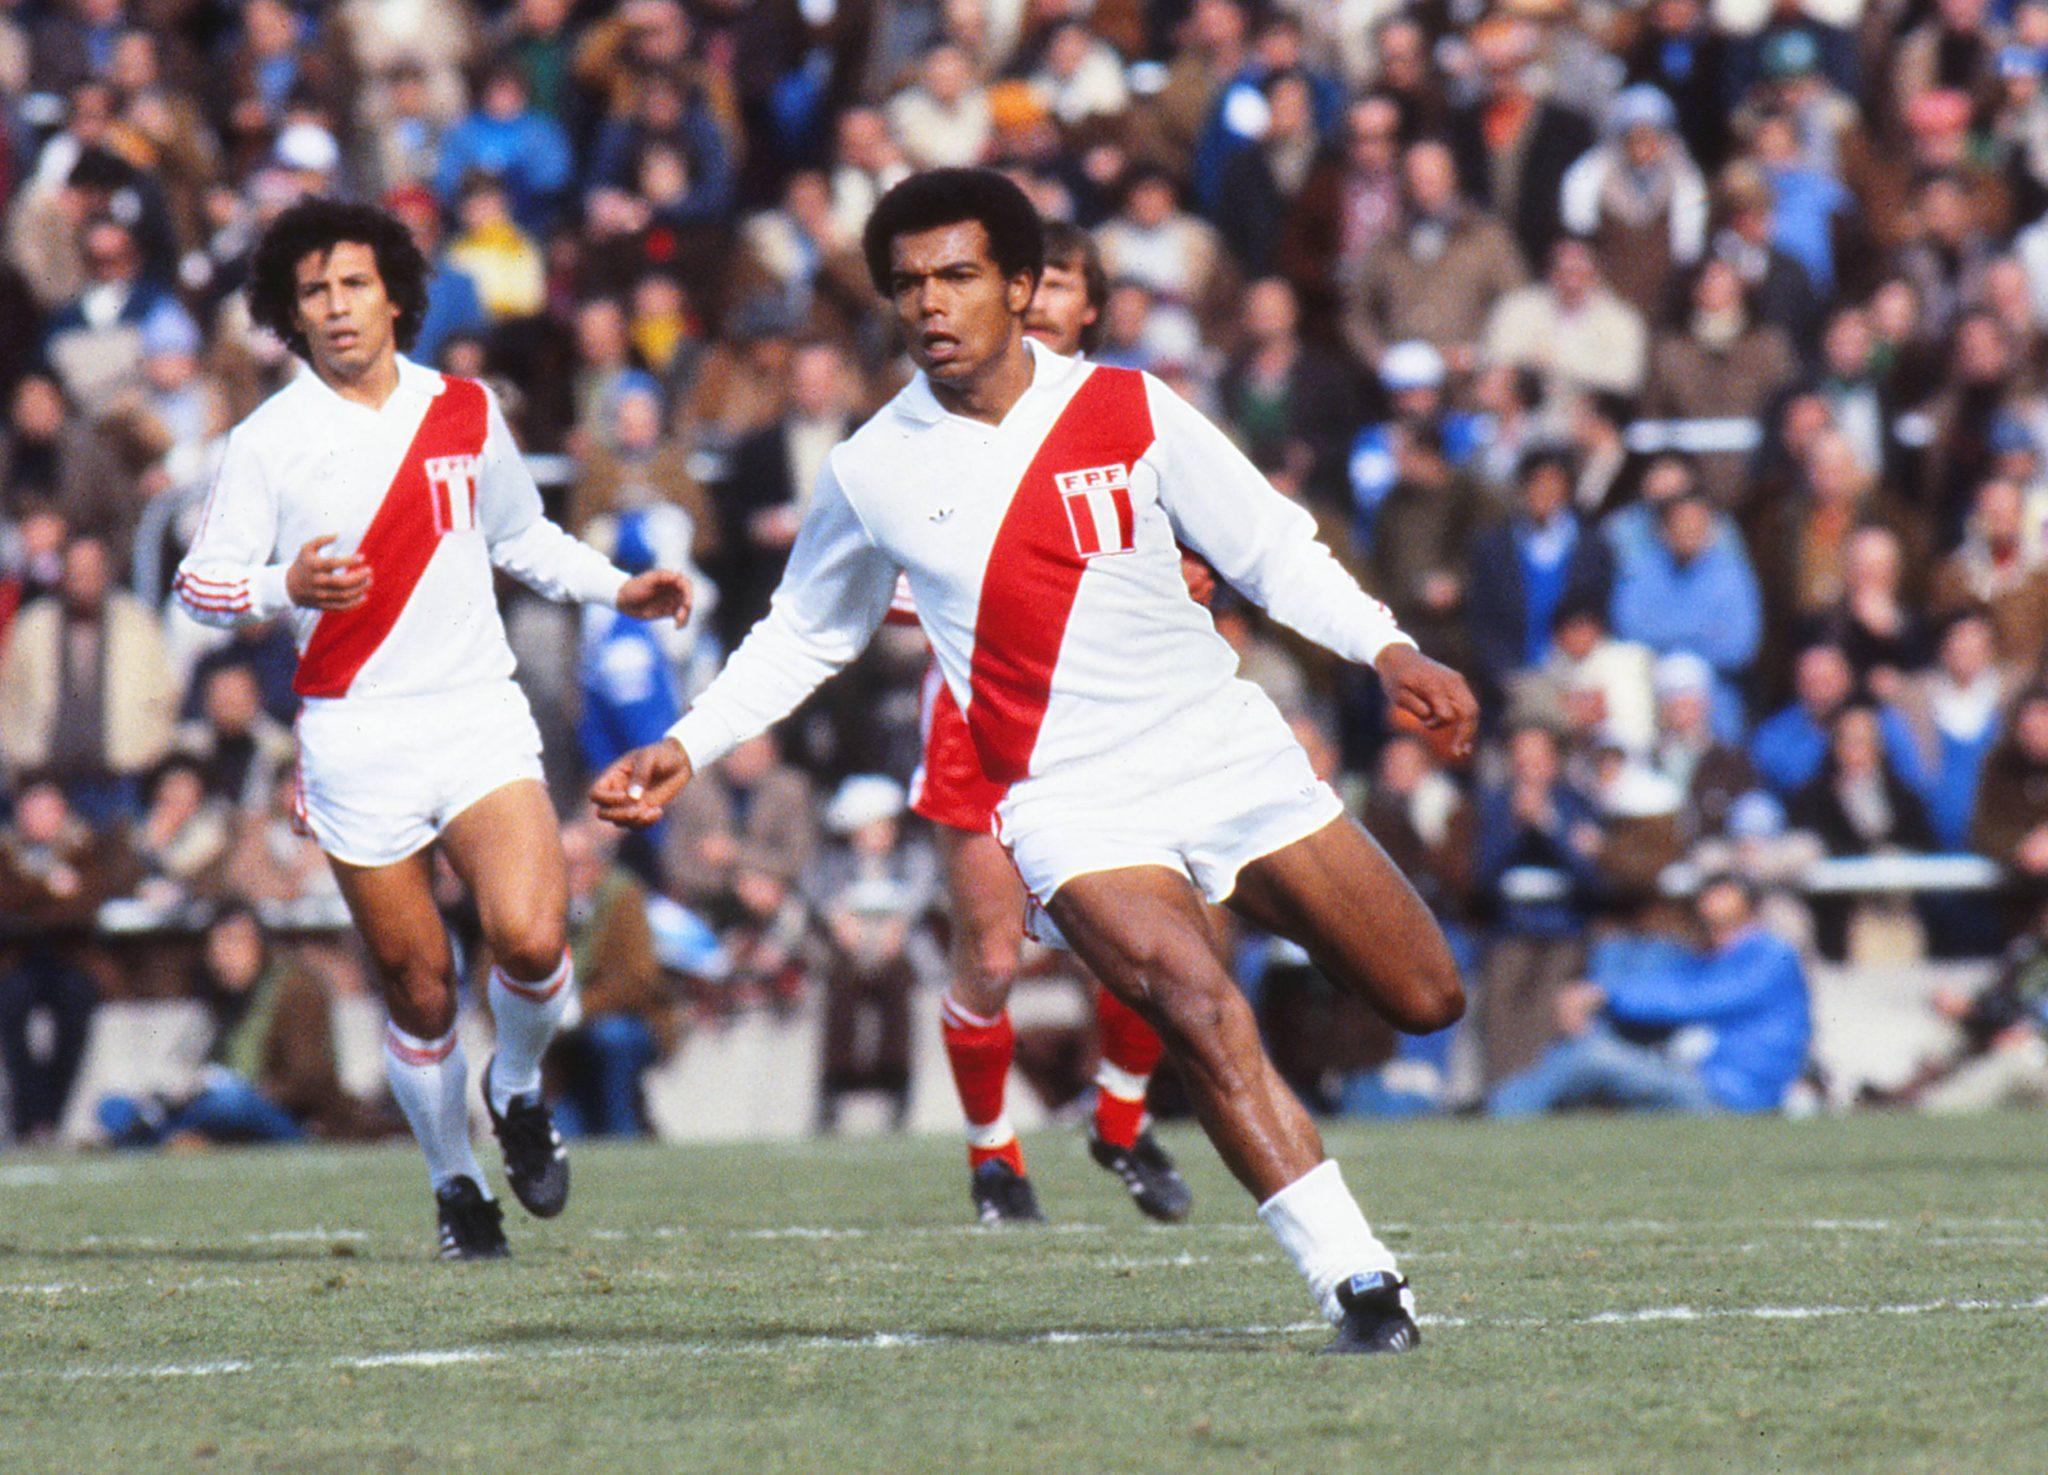 La squadra peruviana in azione durante il Mundial